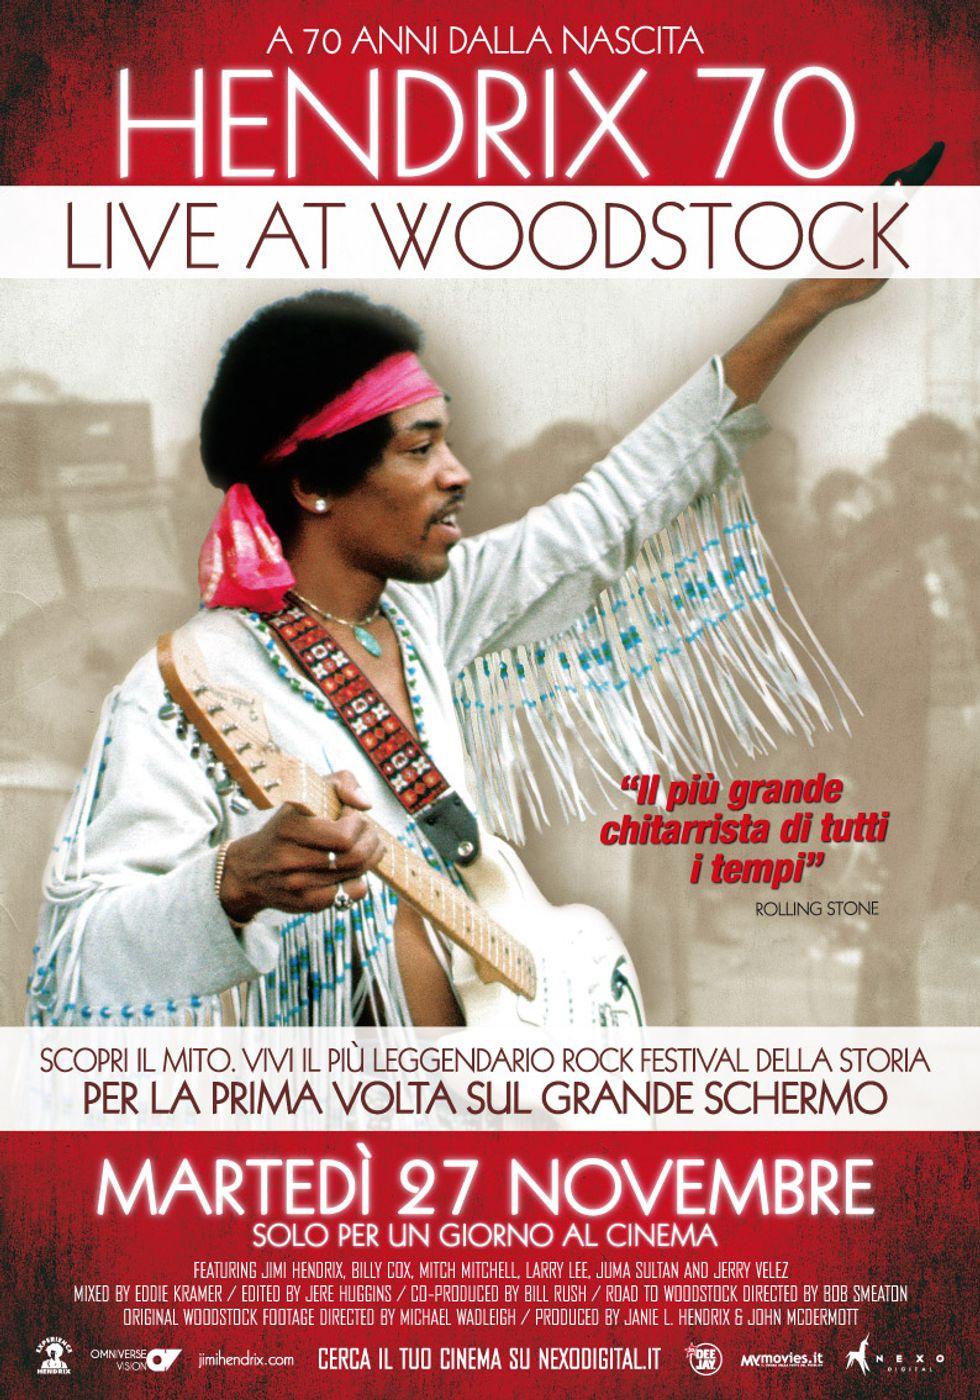 Jimi Hendrix a Woodstock, al cinema per ricordare i 70 anni della nascita